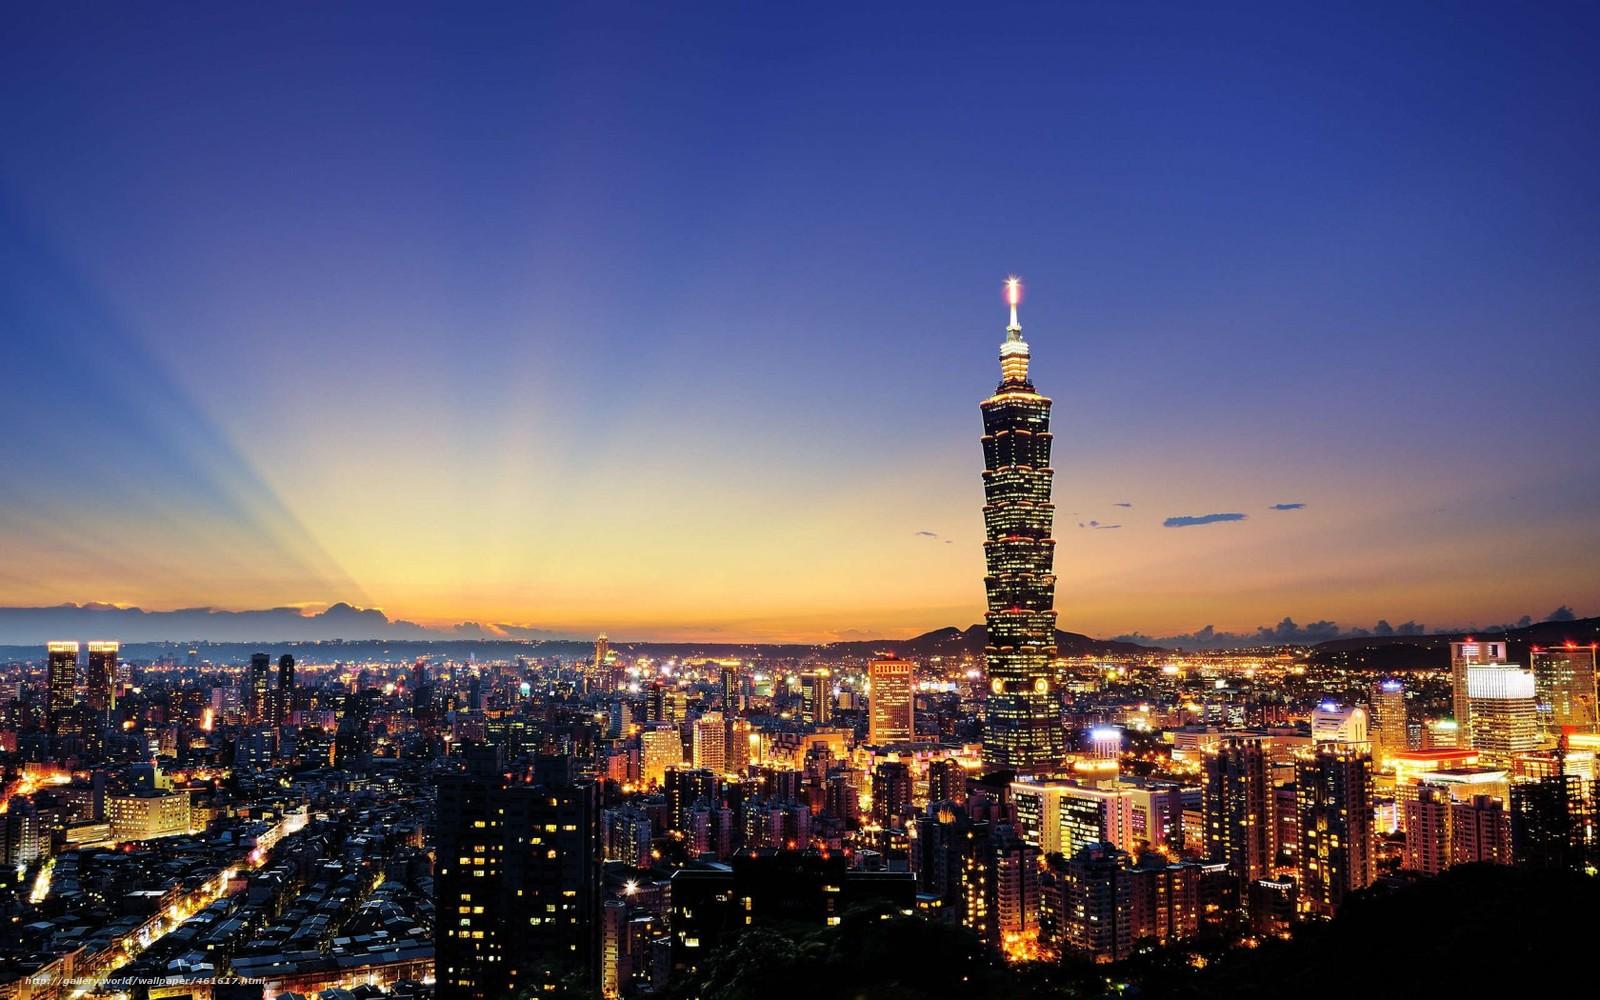 壁紙をダウンロード シティ 中国 台湾 台北 デスクトップの解像度のための無料壁紙 1680x1050 絵